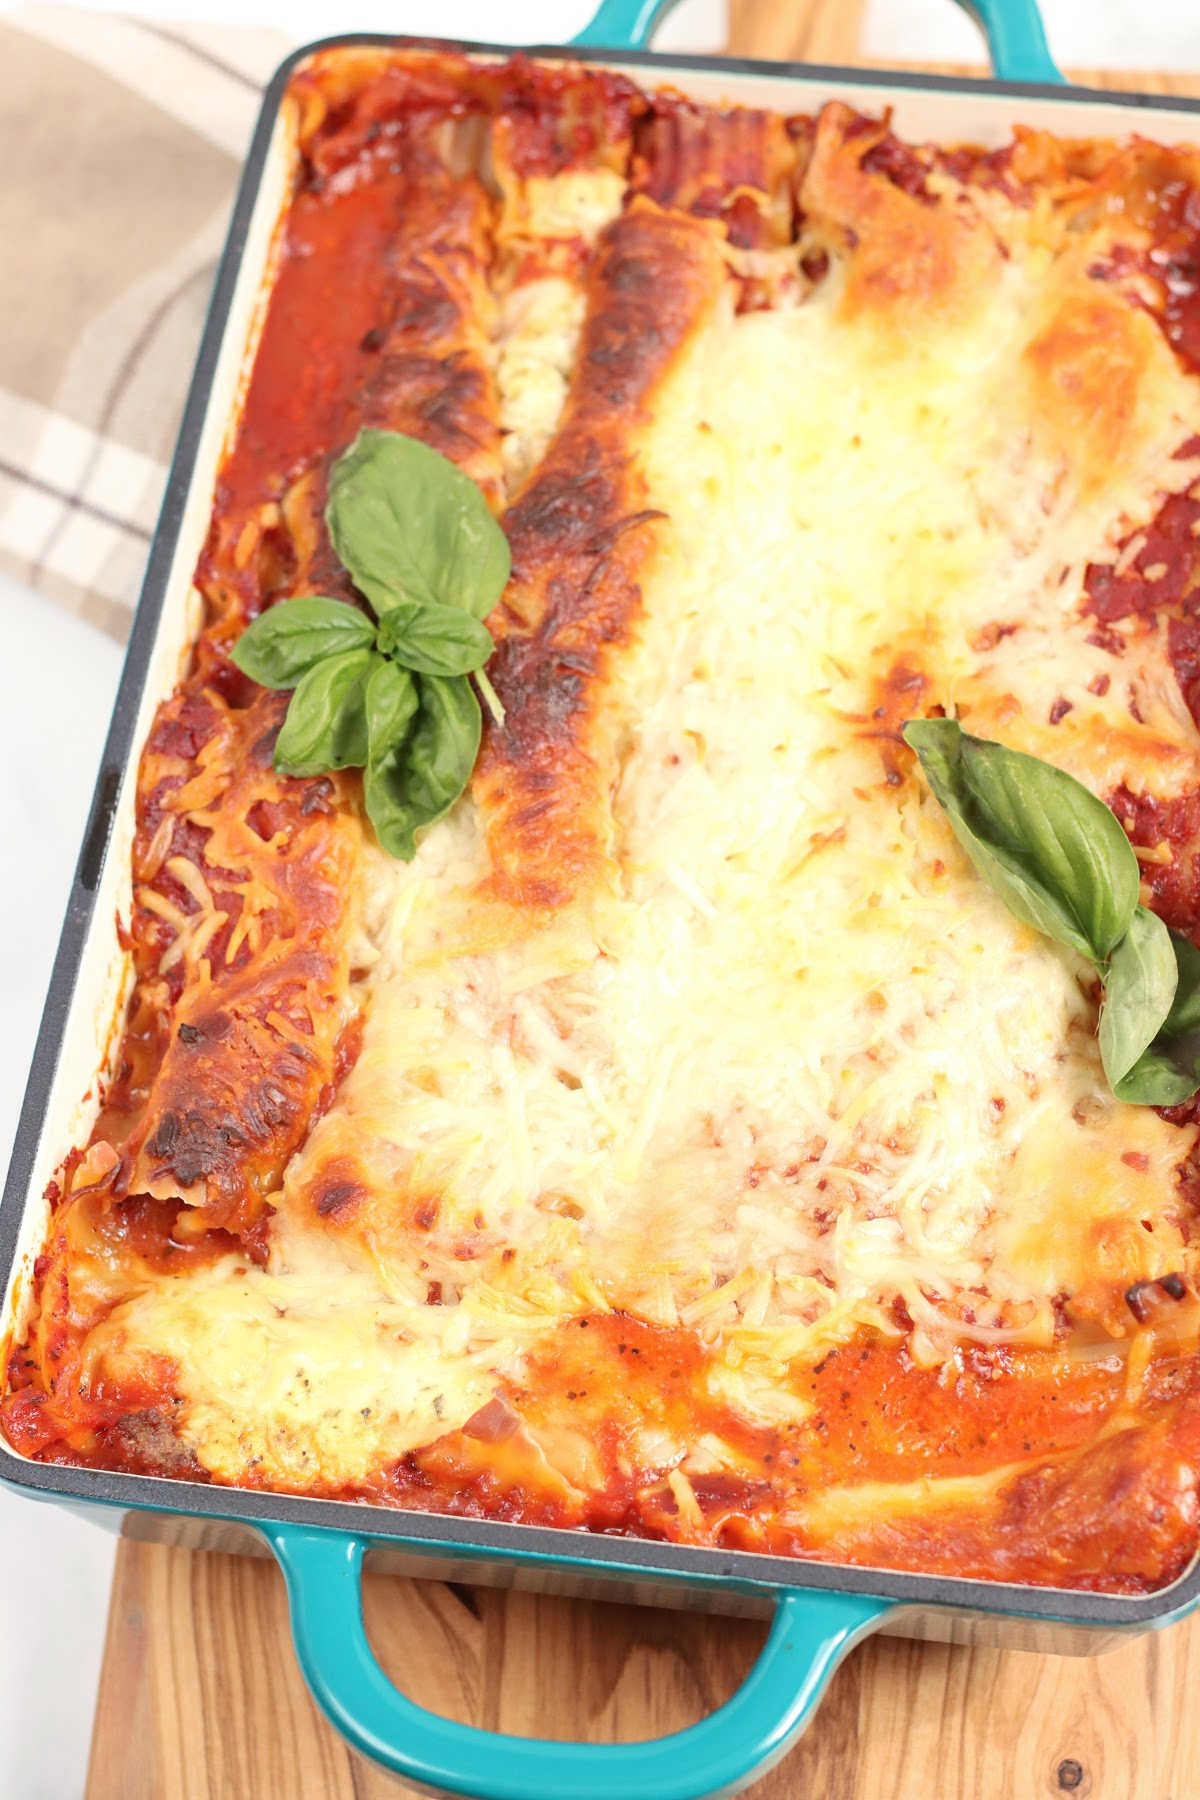 Lasagna in teal rectangle cast iron baking dish.